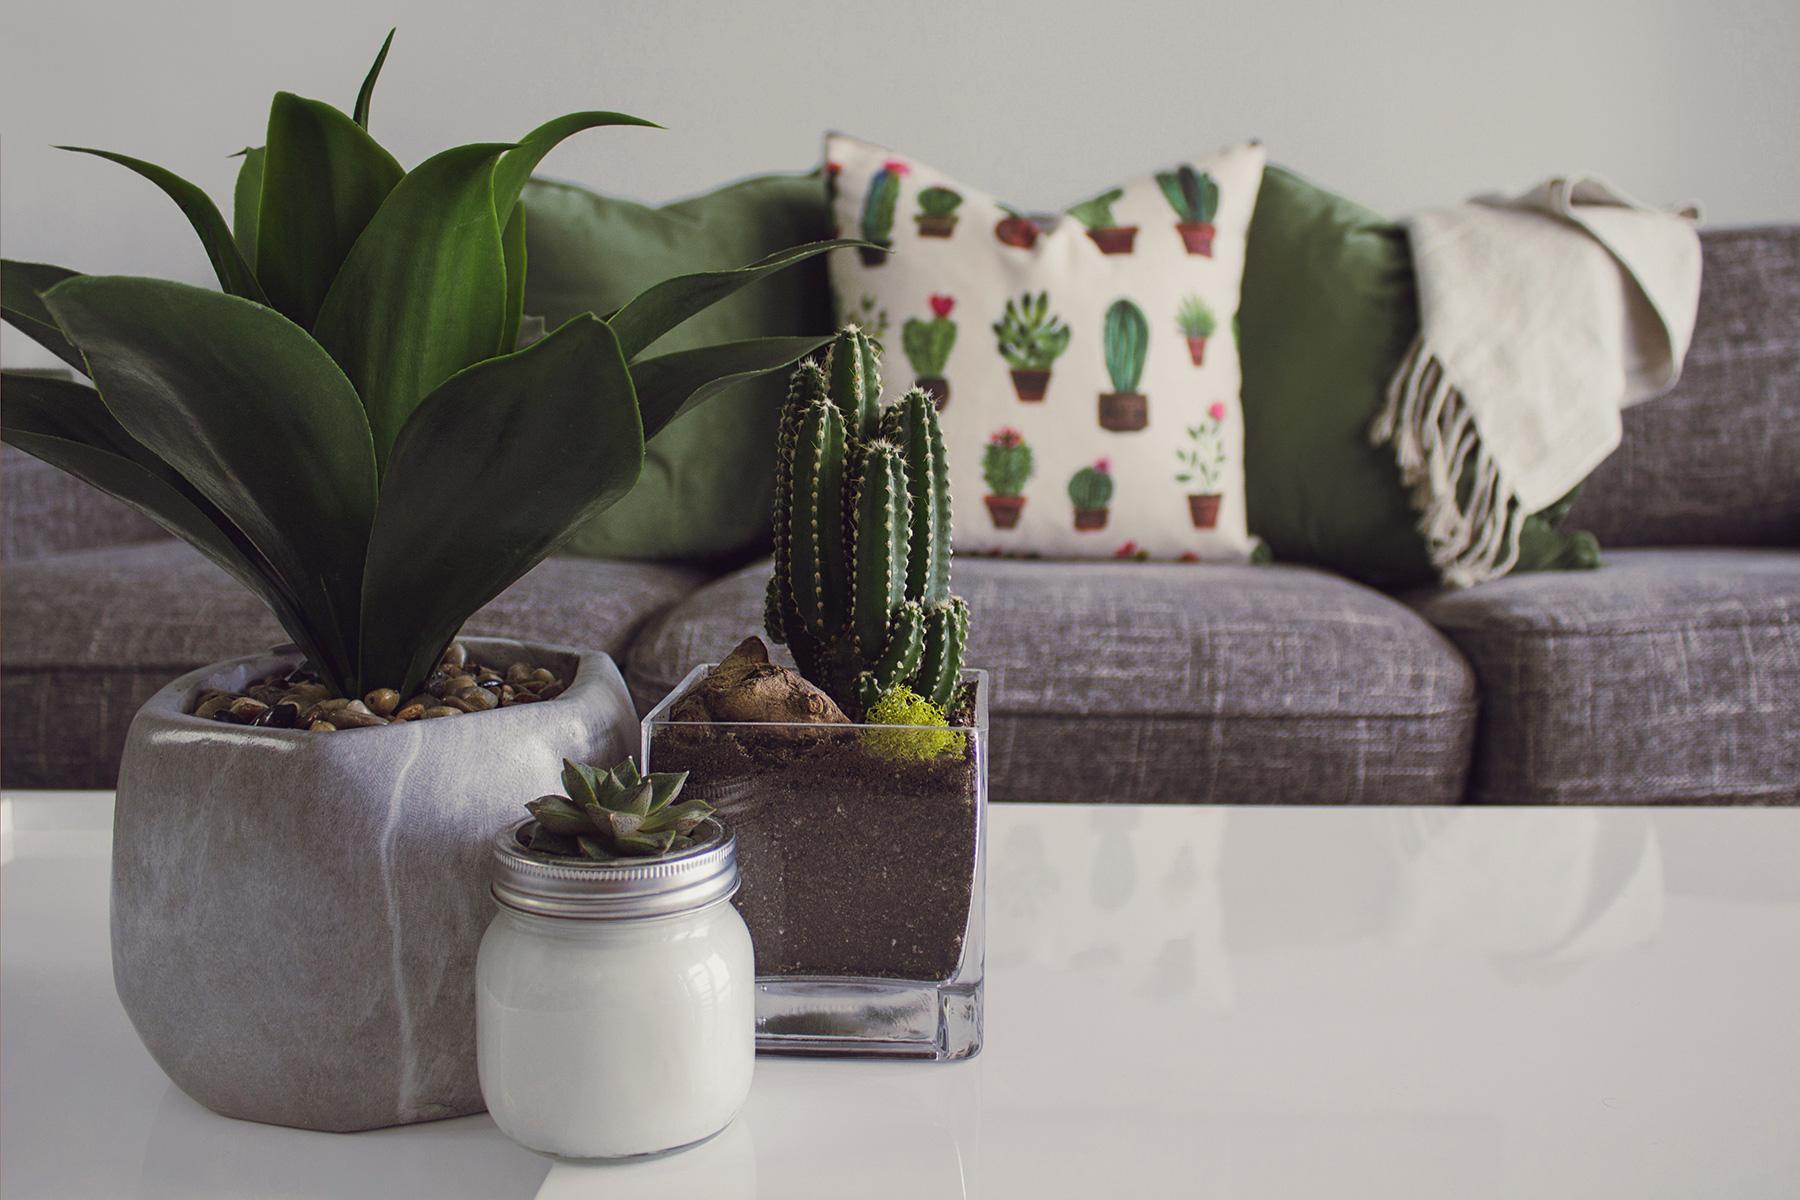 Haal meer comfort in huis met deze tips